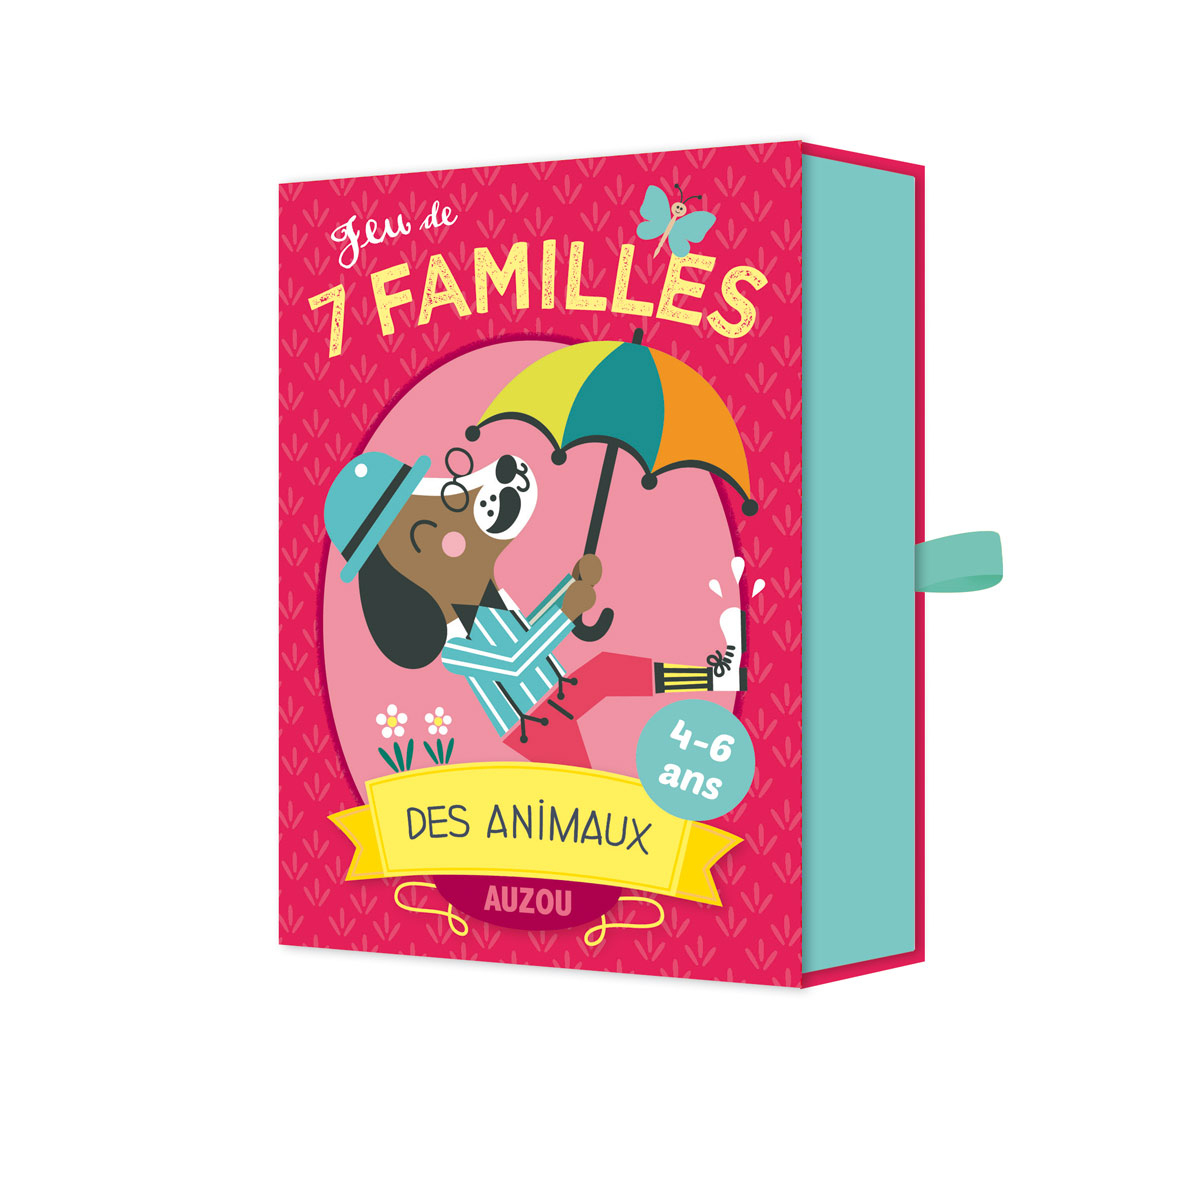 Jeu De 7 Familles Des Animaux avec Jeu Gratuit Enfant 7 Ans